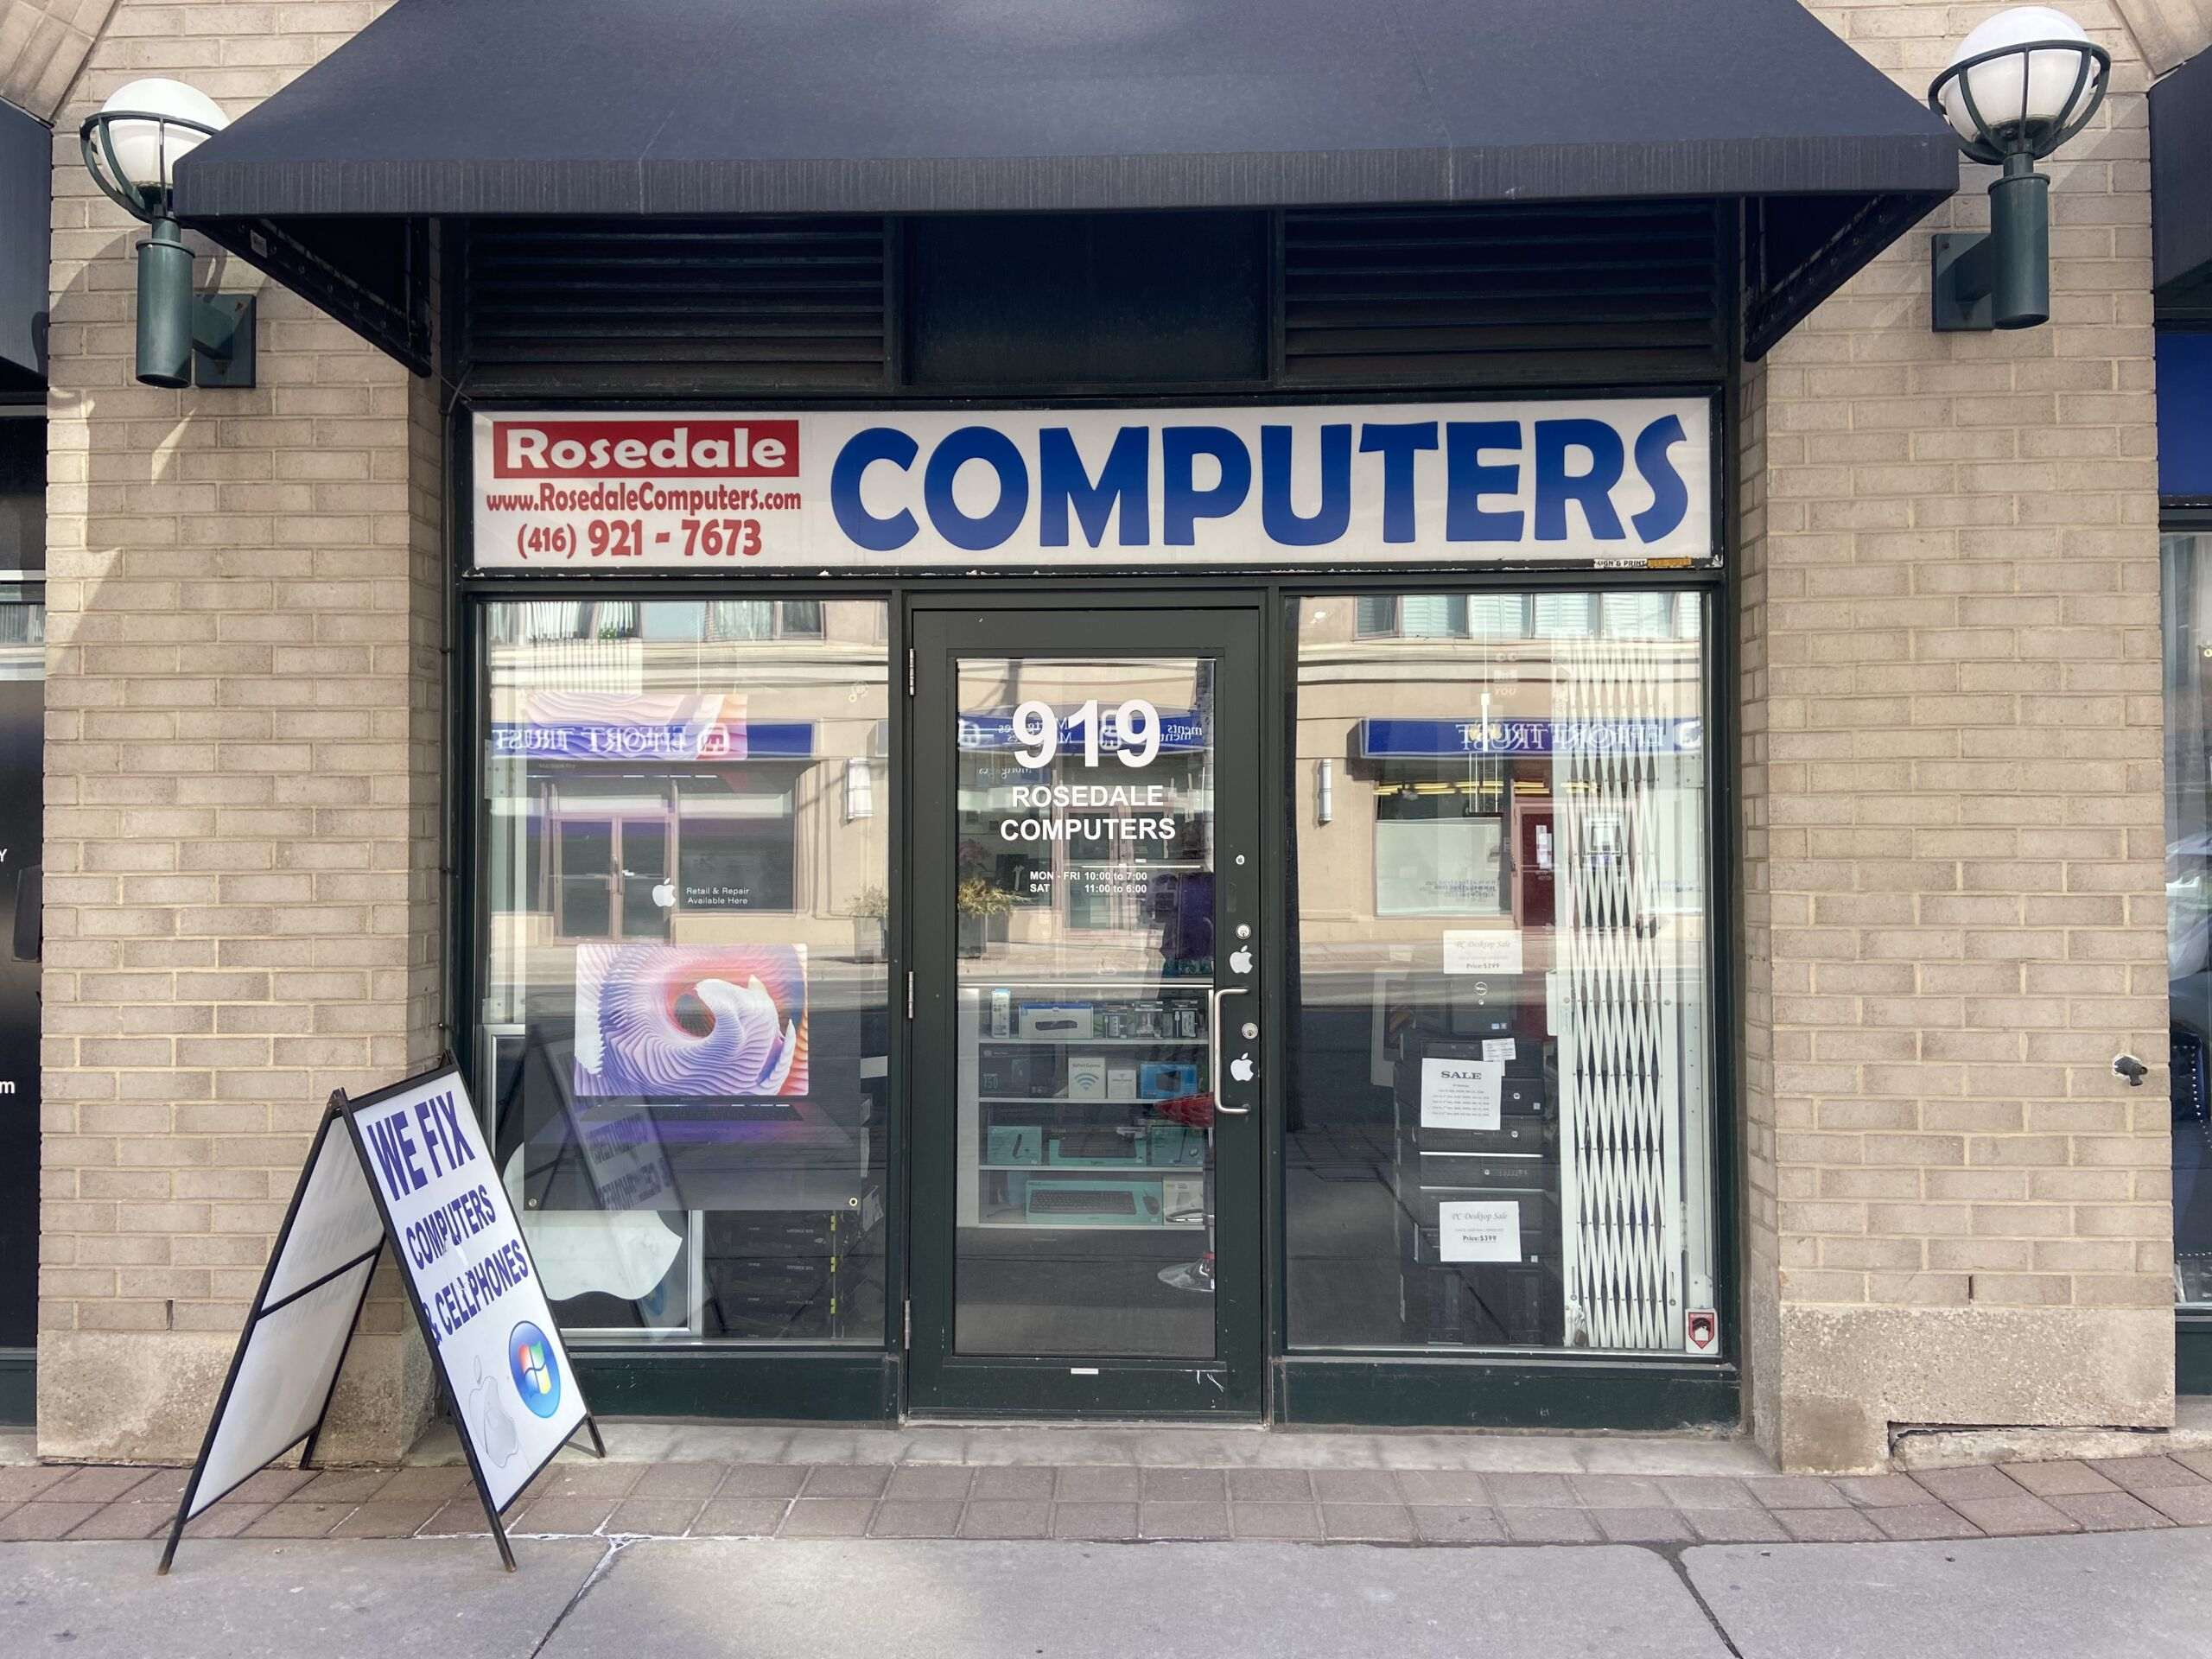 Rosedale Computers